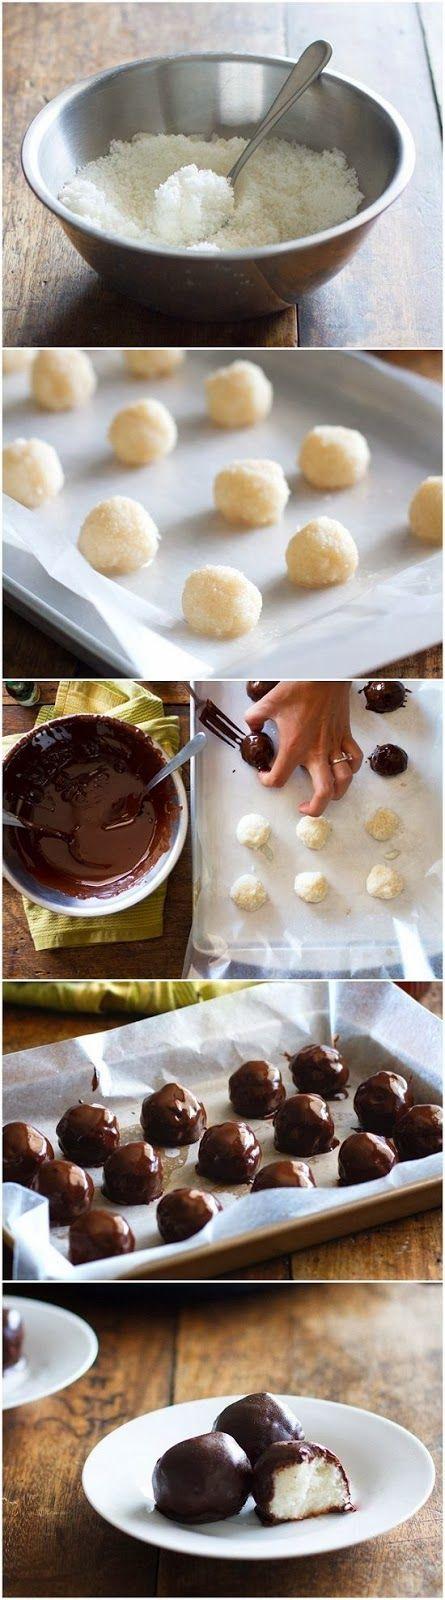 Clean eating Dark Chocolate Coconut Bites: So good! | #recipe #healthy #Healthy #Easy #Recipe | @xhealthyrecipex |